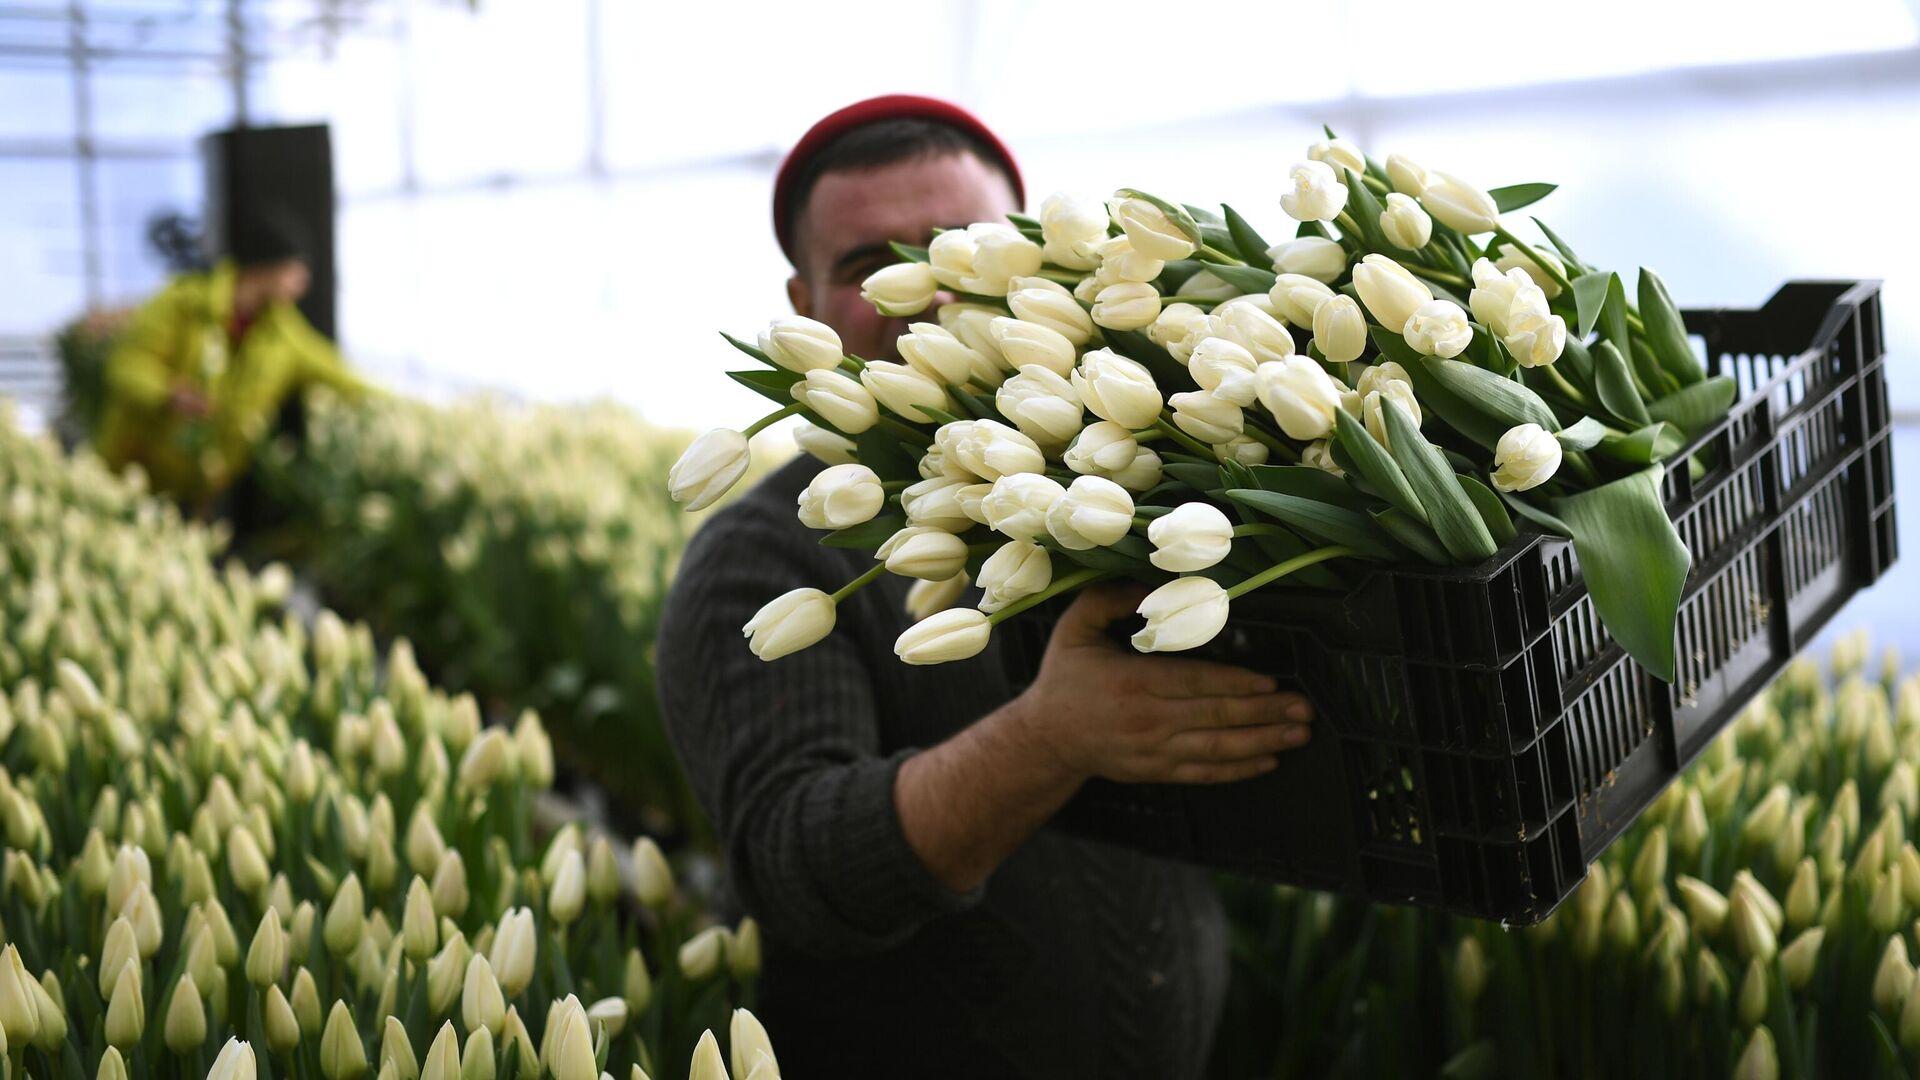 Сбор тюльпанов в преддверии праздника 8 Марта в тепличном хозяйстве фермера Александра Бурмантова в Новосибирске - РИА Новости, 1920, 02.03.2021